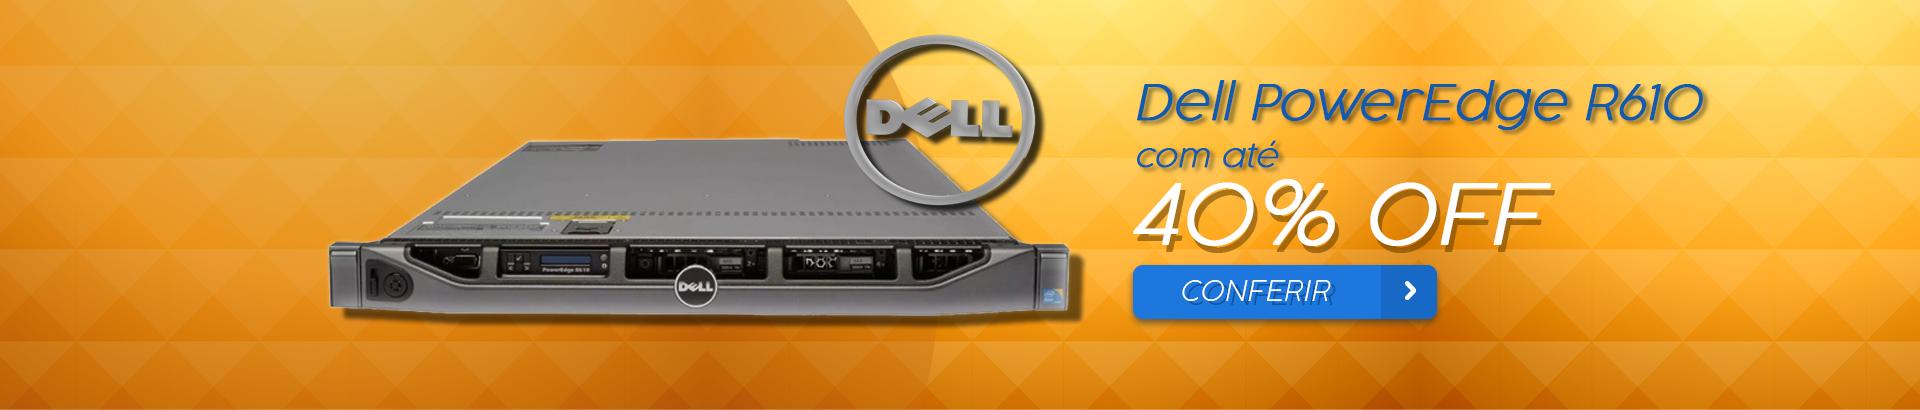 Servidor Dell R610